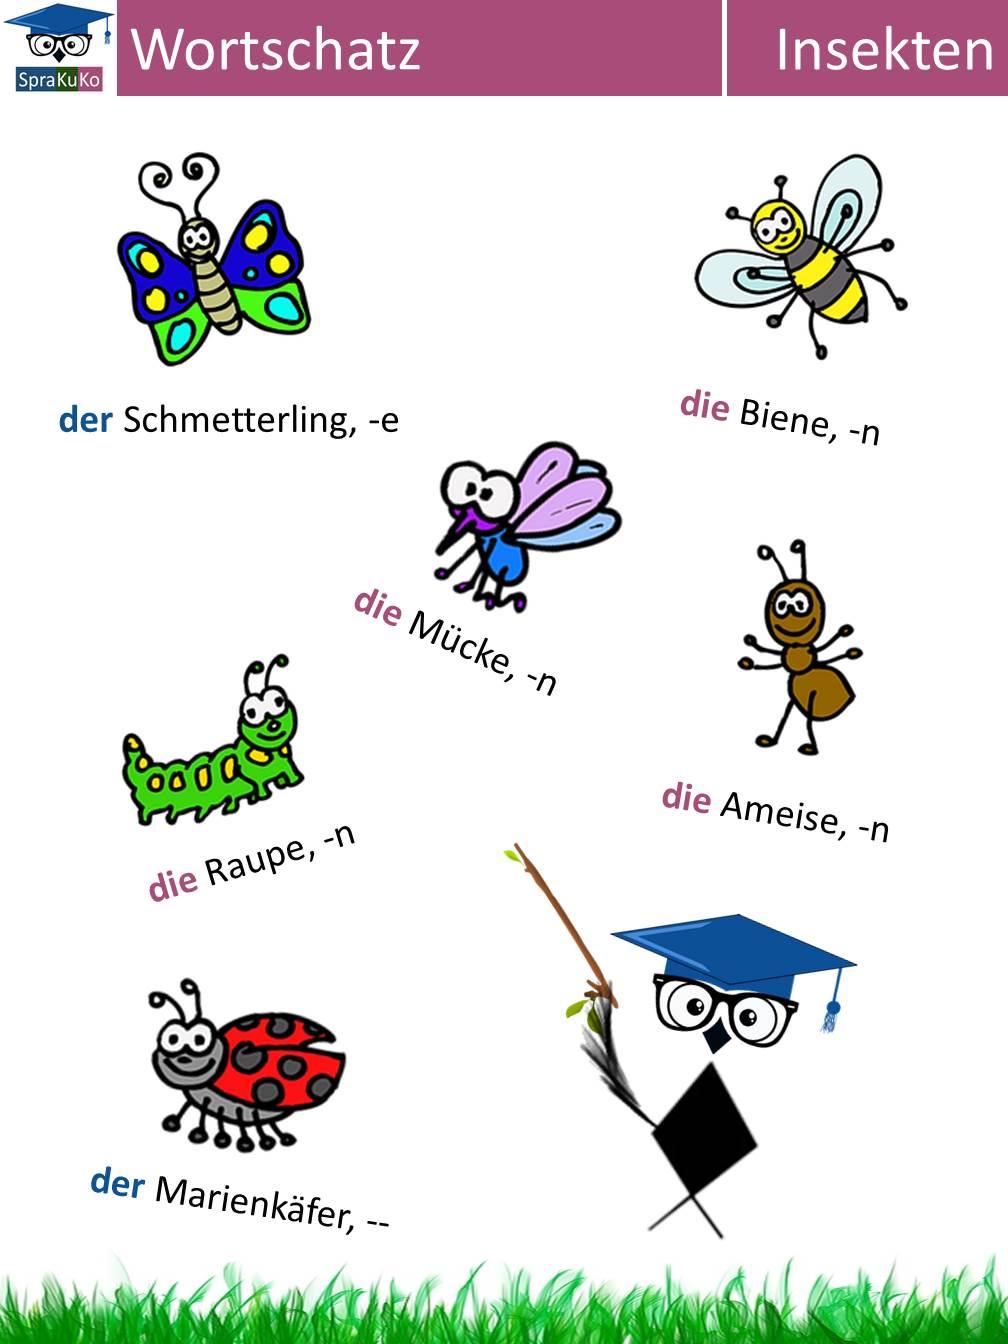 Wortschatz Insekten.jpg